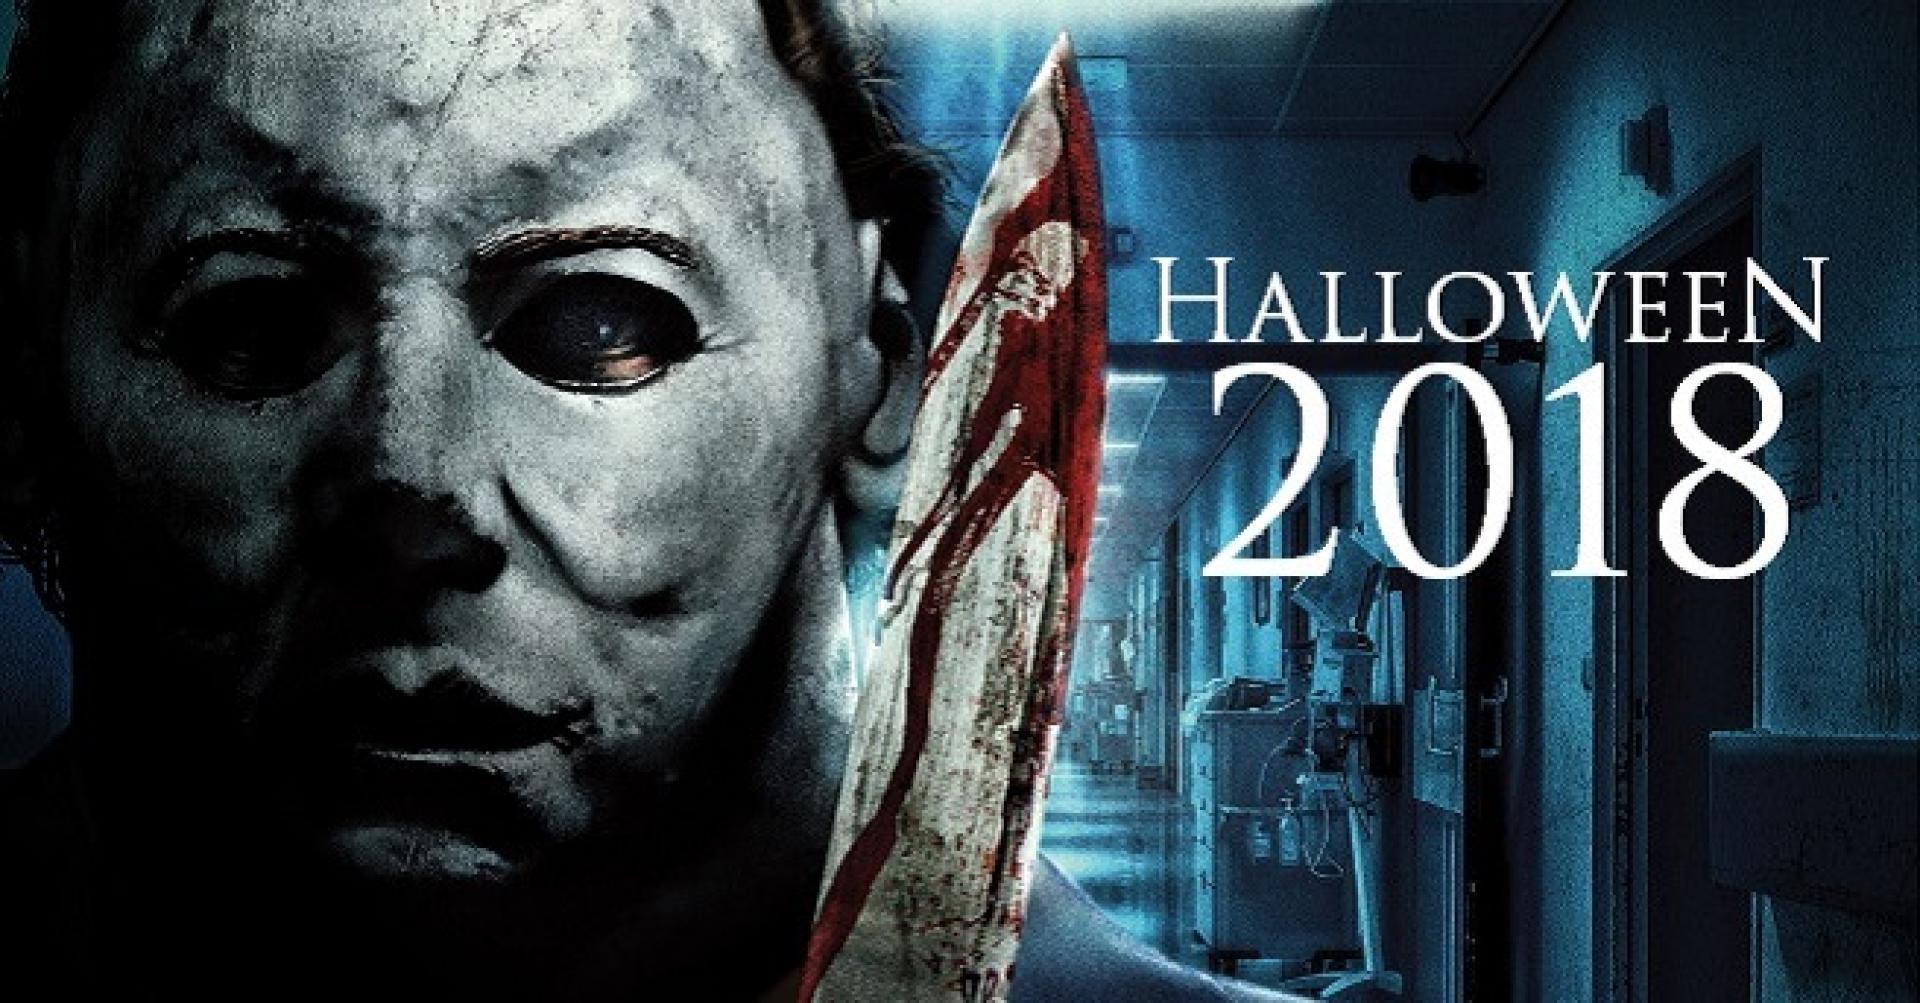 Képek érkeztek az új Halloween filmhez